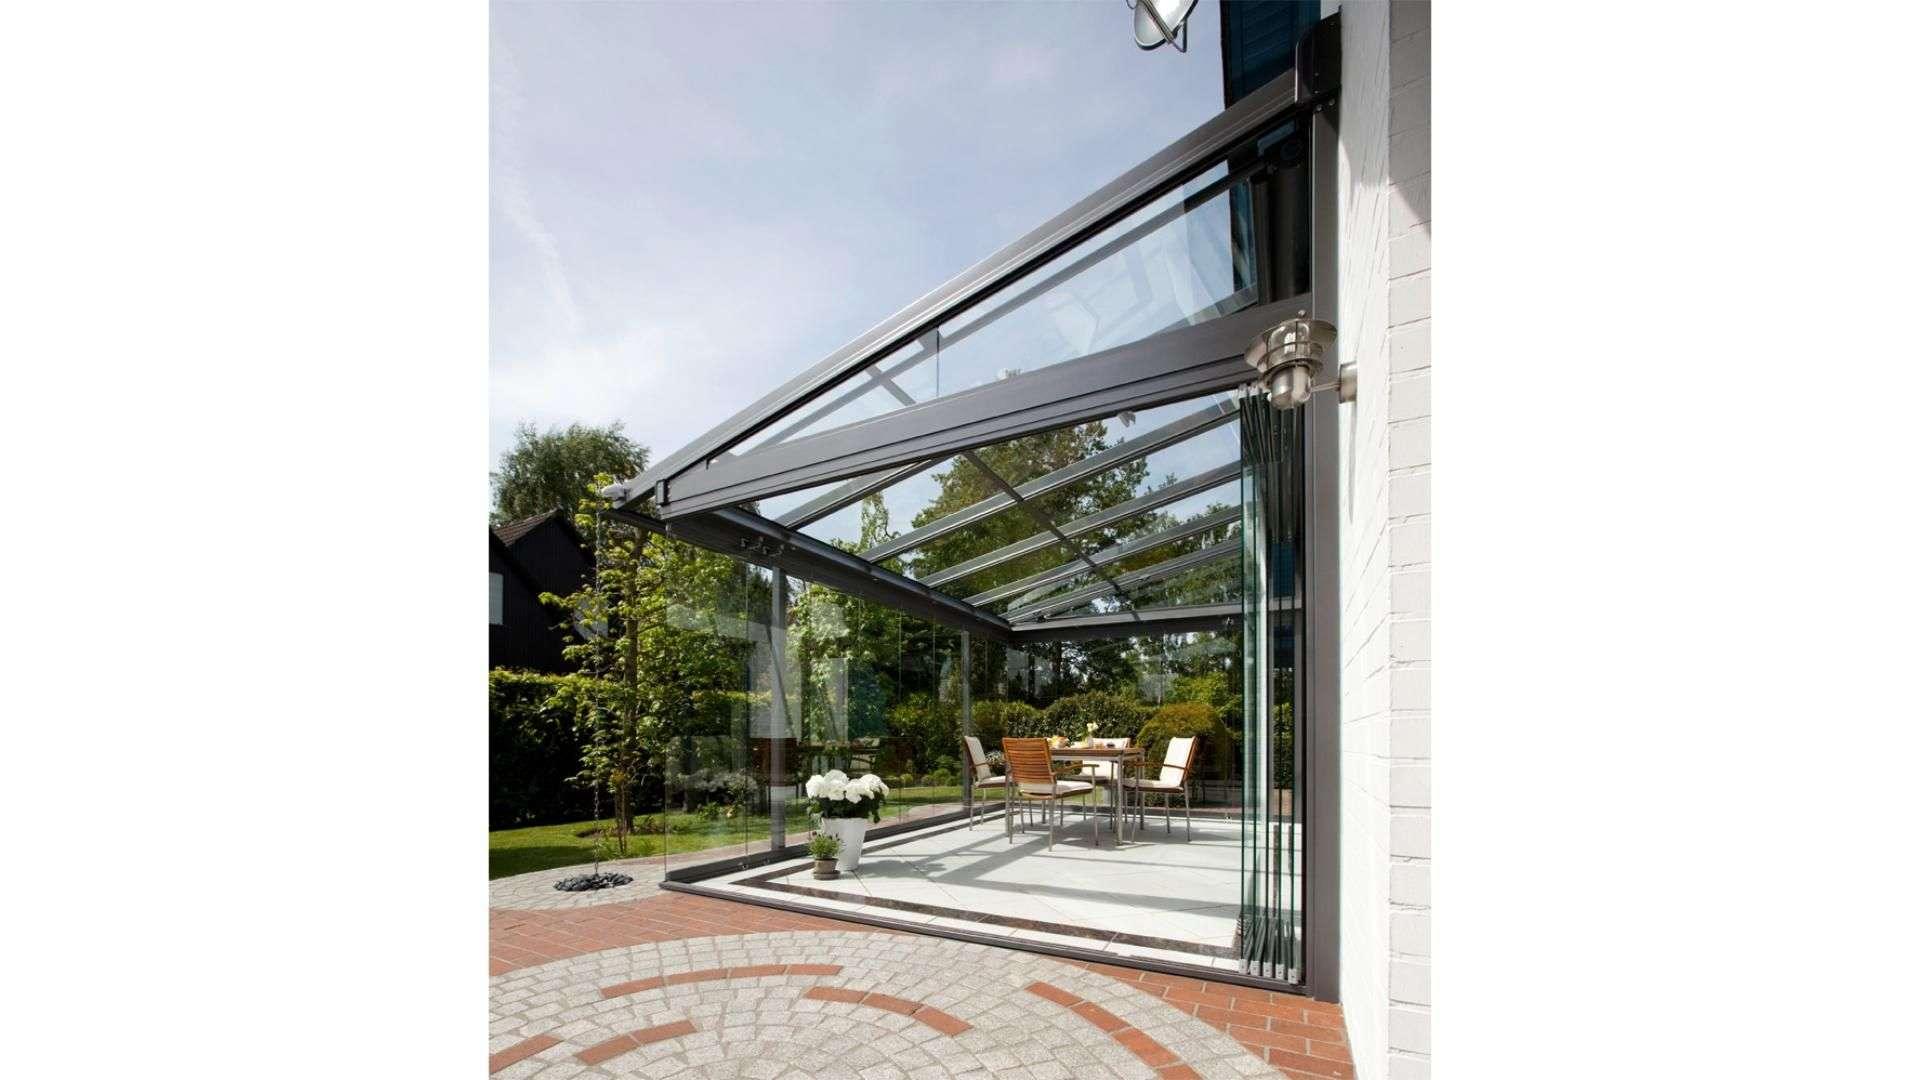 Seitenansicht eines Glashauses an einem Haus